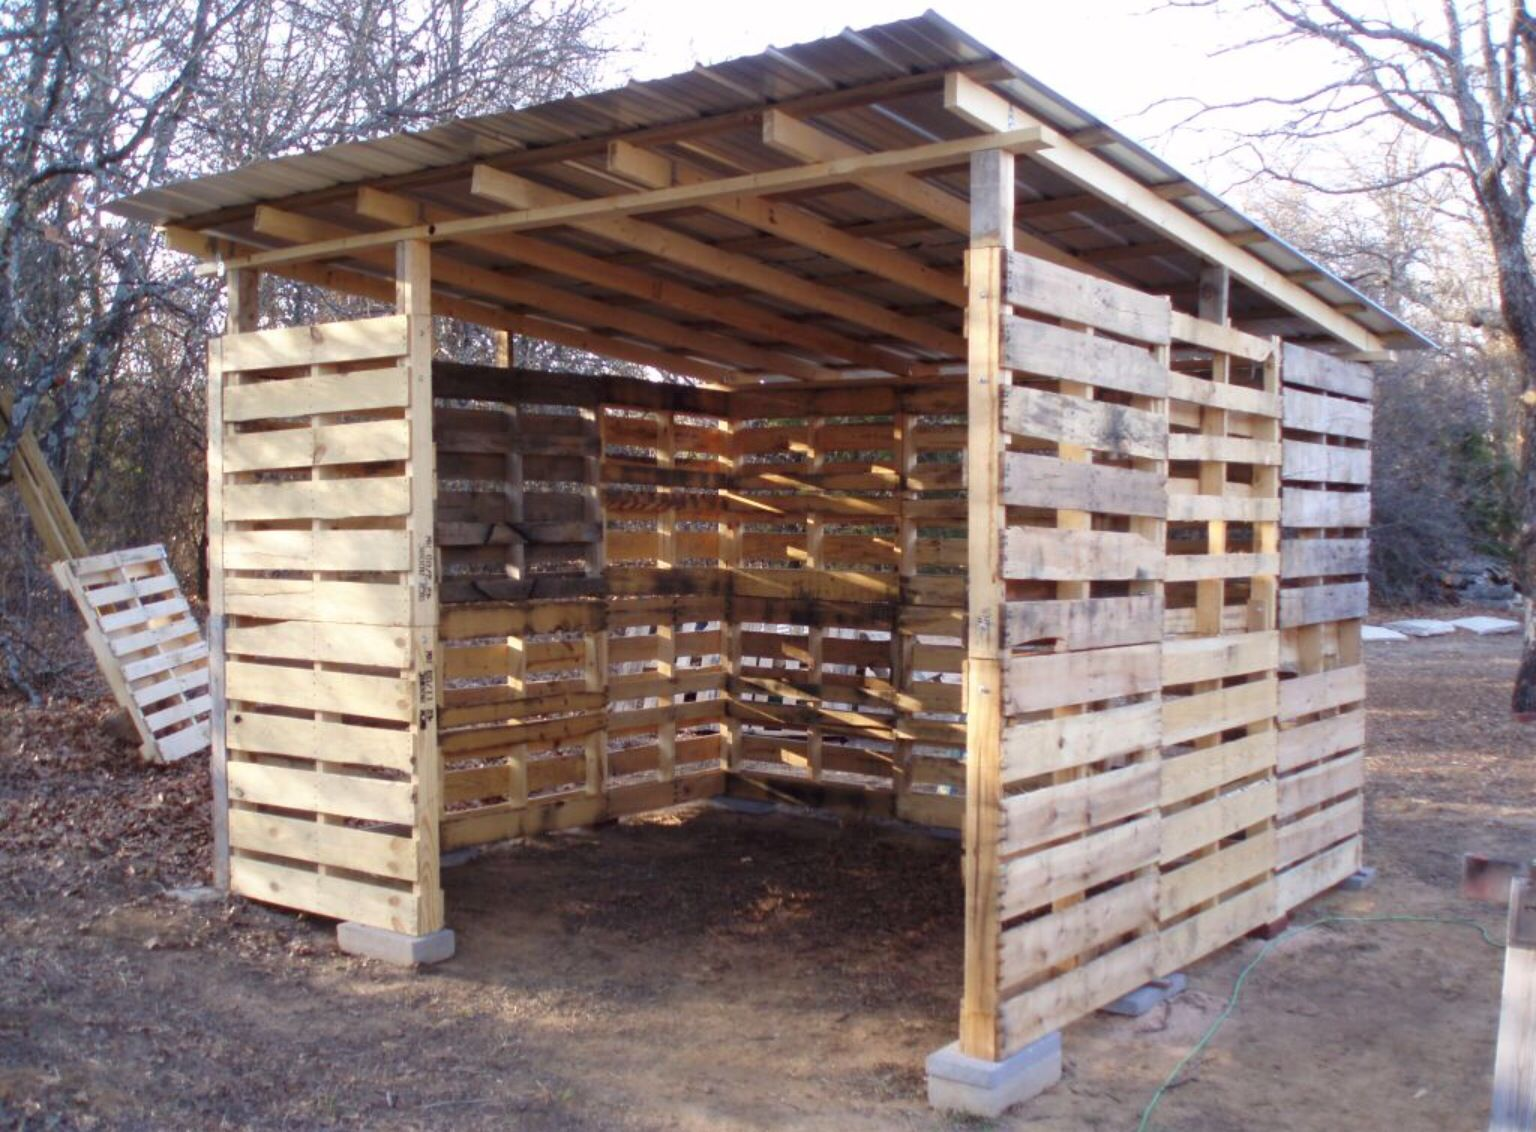 Cabanon Creation Avec Des Palettes Cabane Jardin Palettes Palette Bois